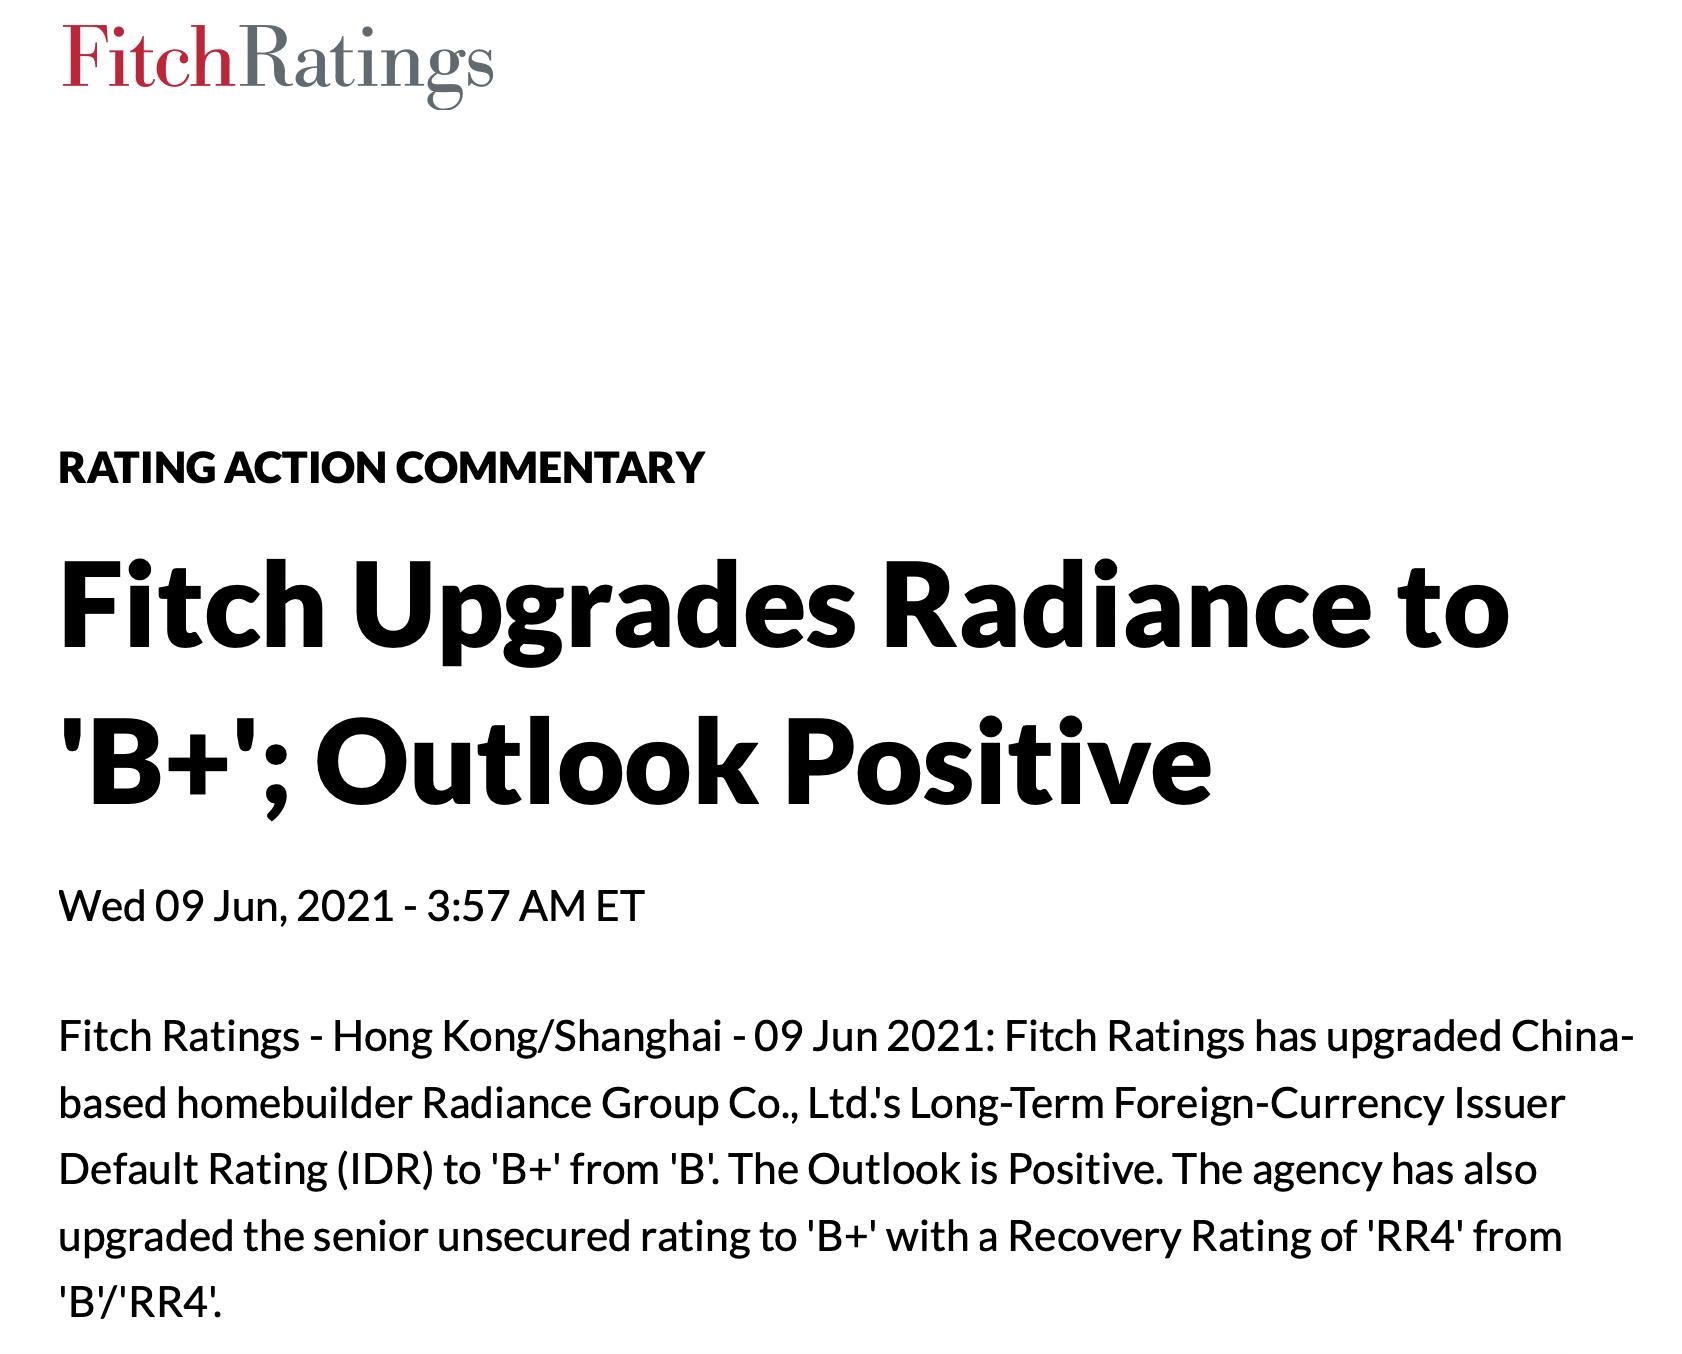 """金辉控股上市后财务表现优异 惠誉再度上调评级至""""B+""""中国网地产"""